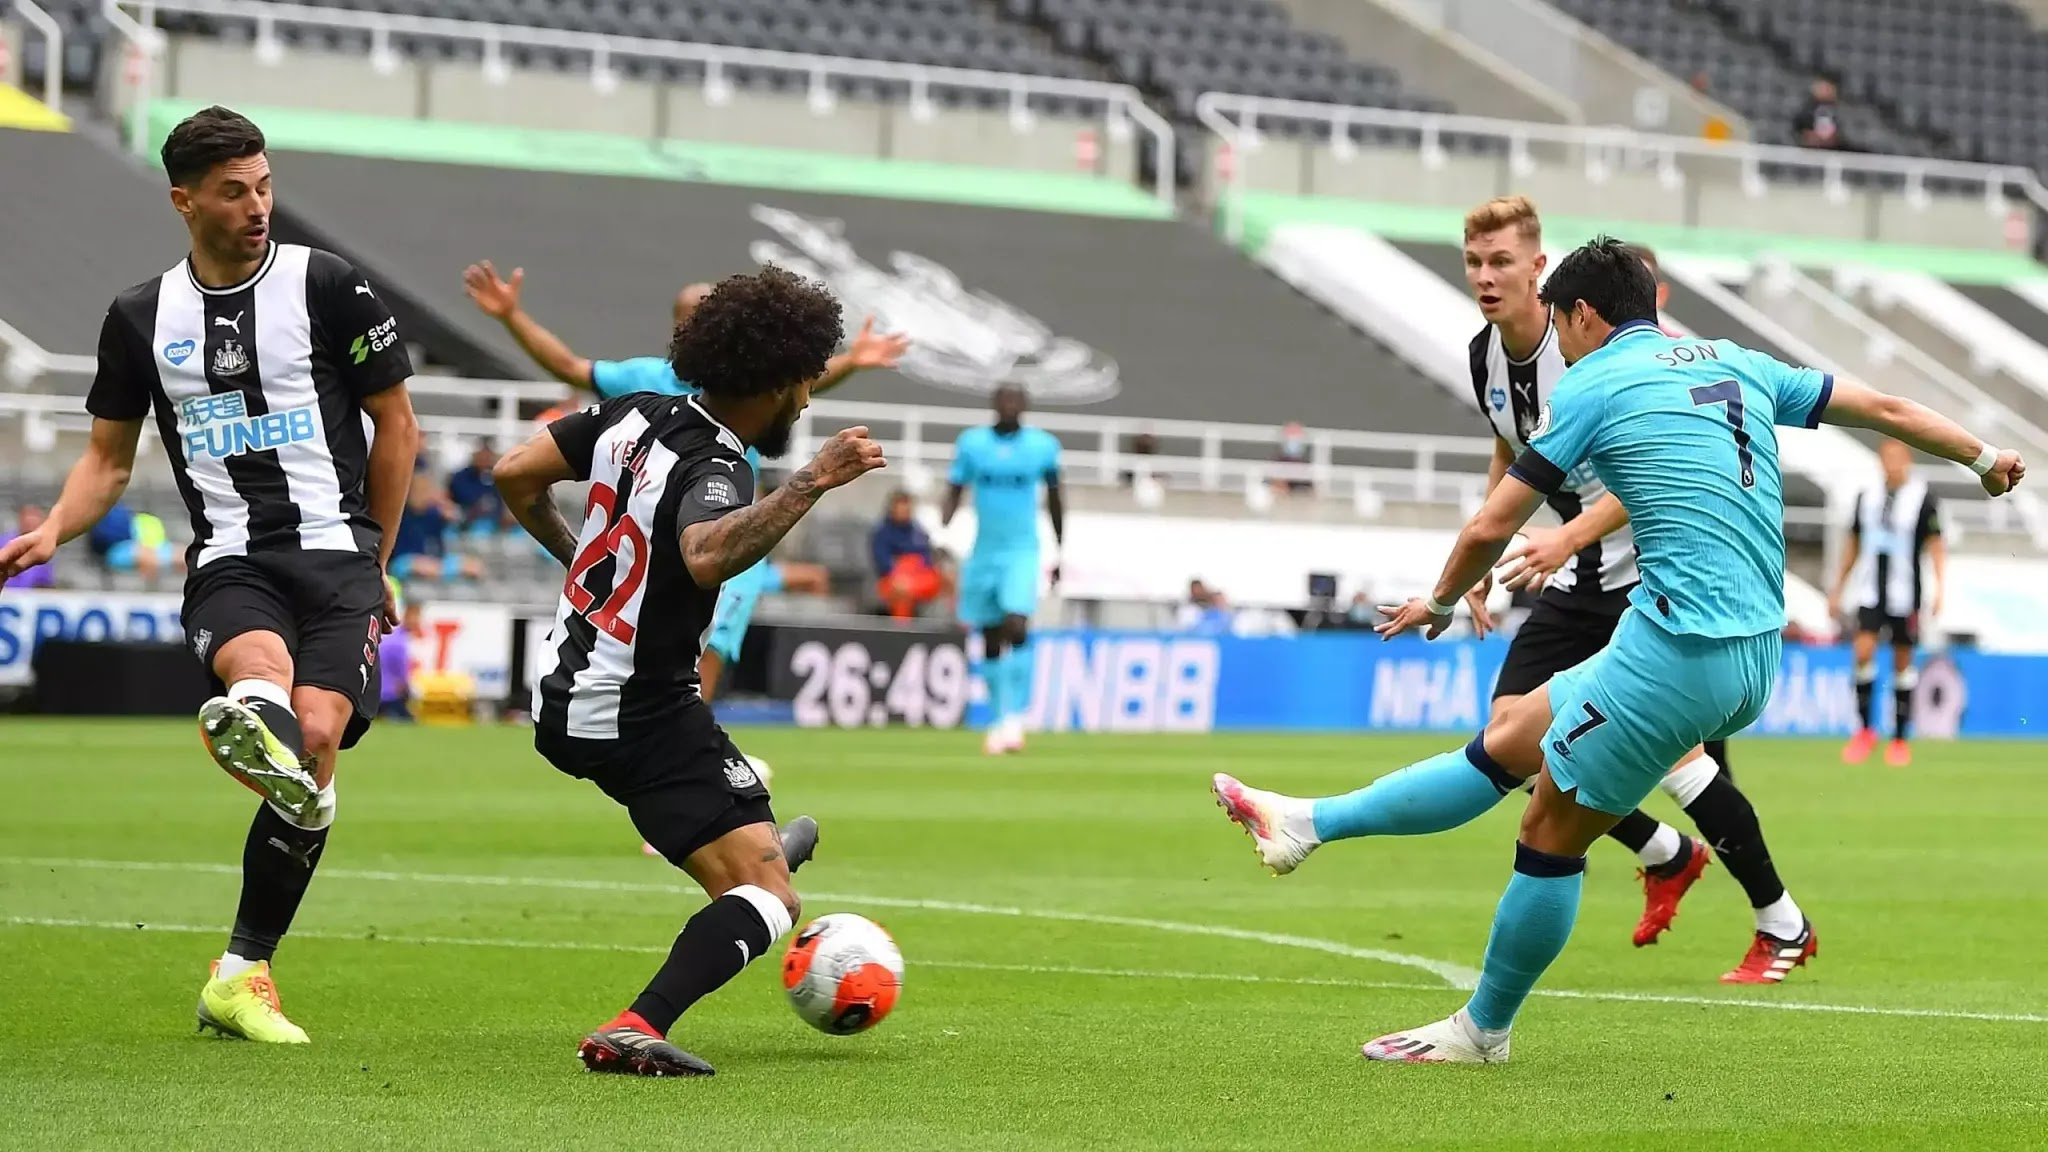 موعد مباراة توتنهام هوتسيبر ونيوكاسل يونايتد ضمن مواجهات الدوري الانجليزي